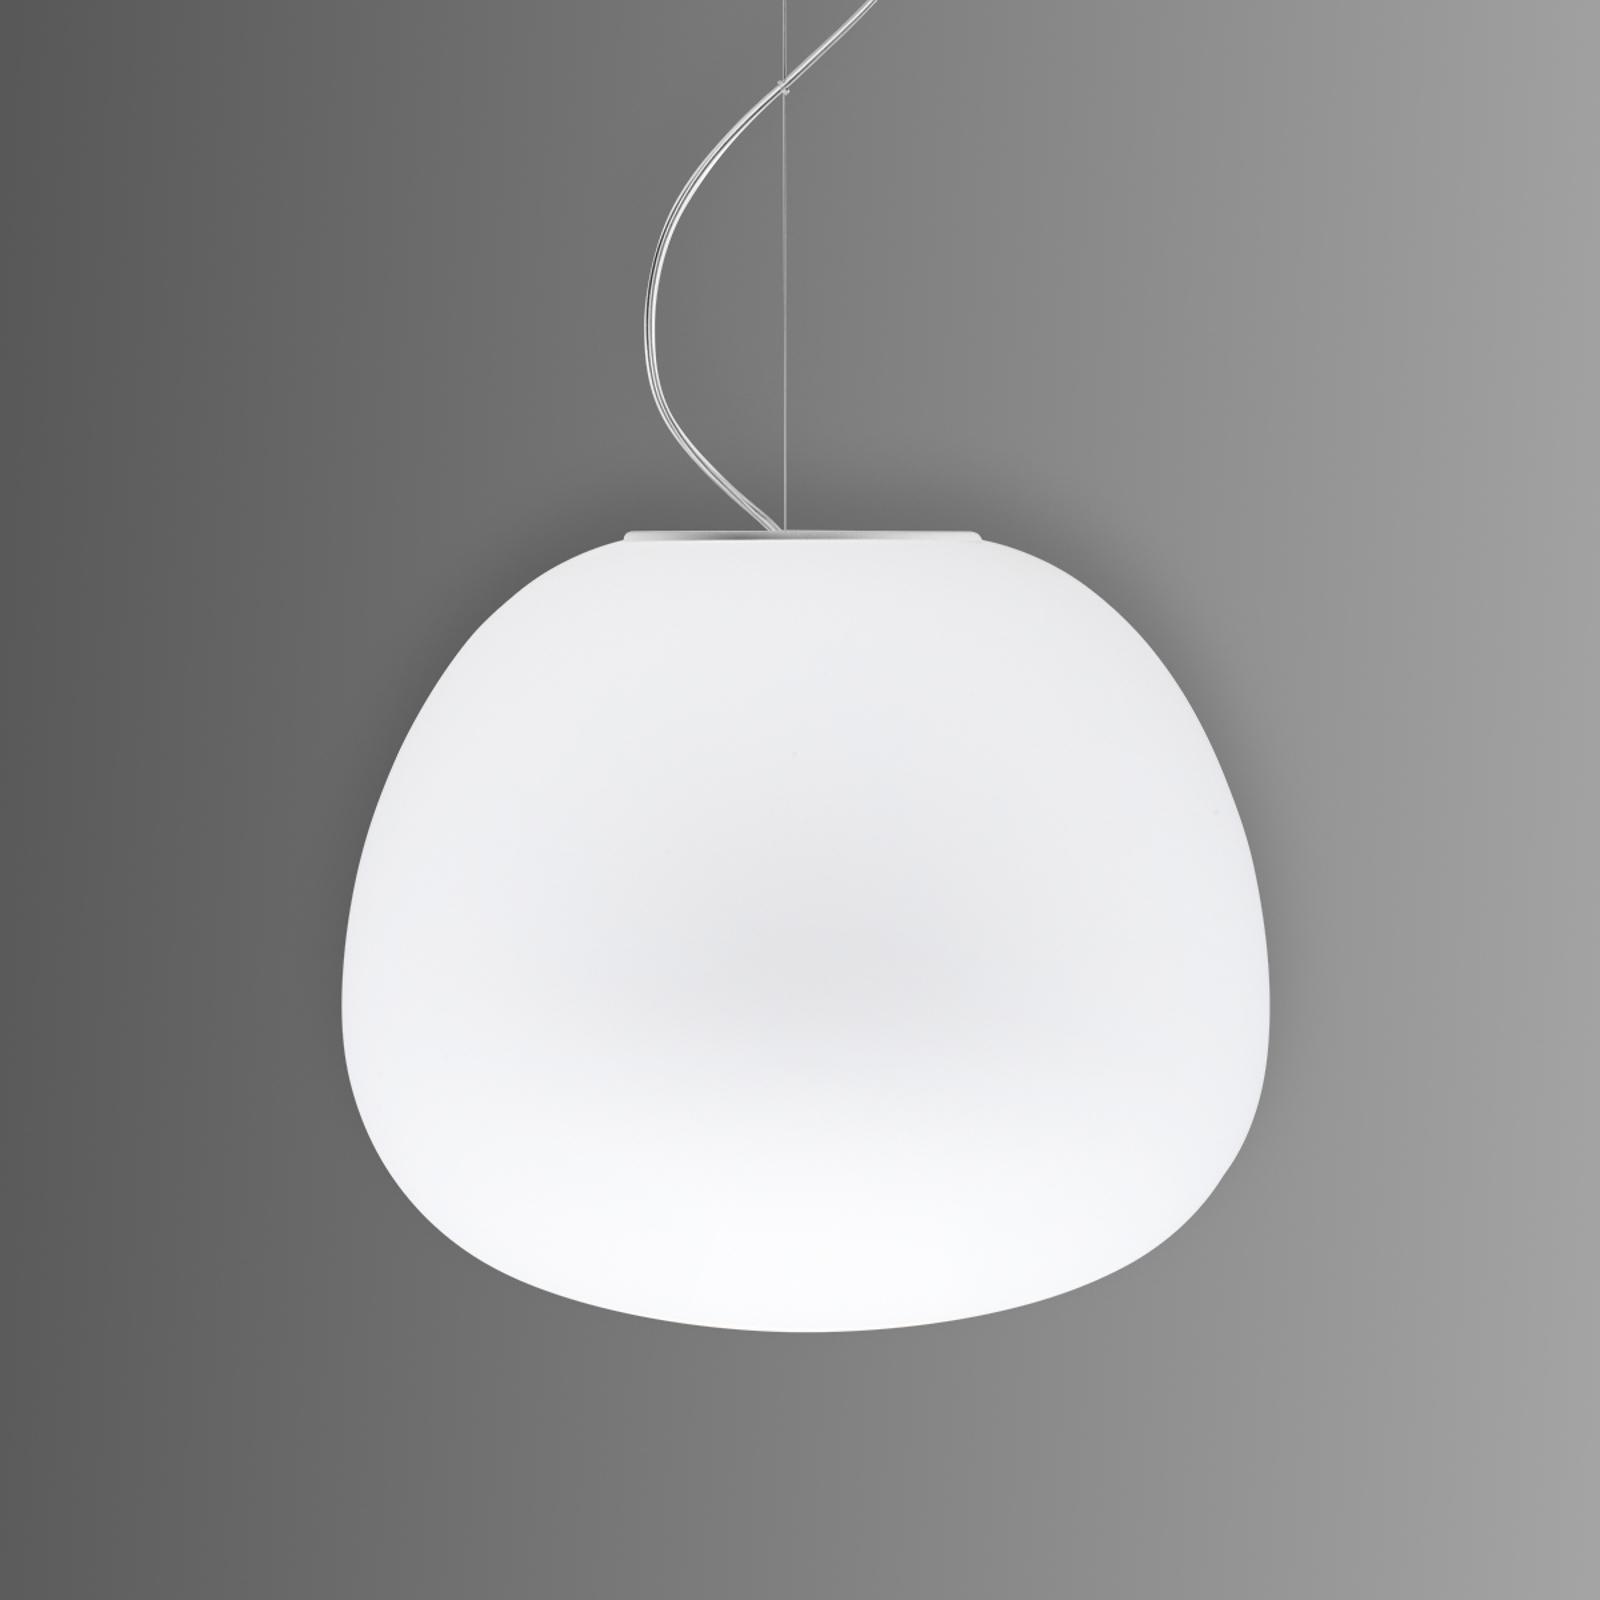 Exquisite MOCHI hanging light 45cm_3503145_1